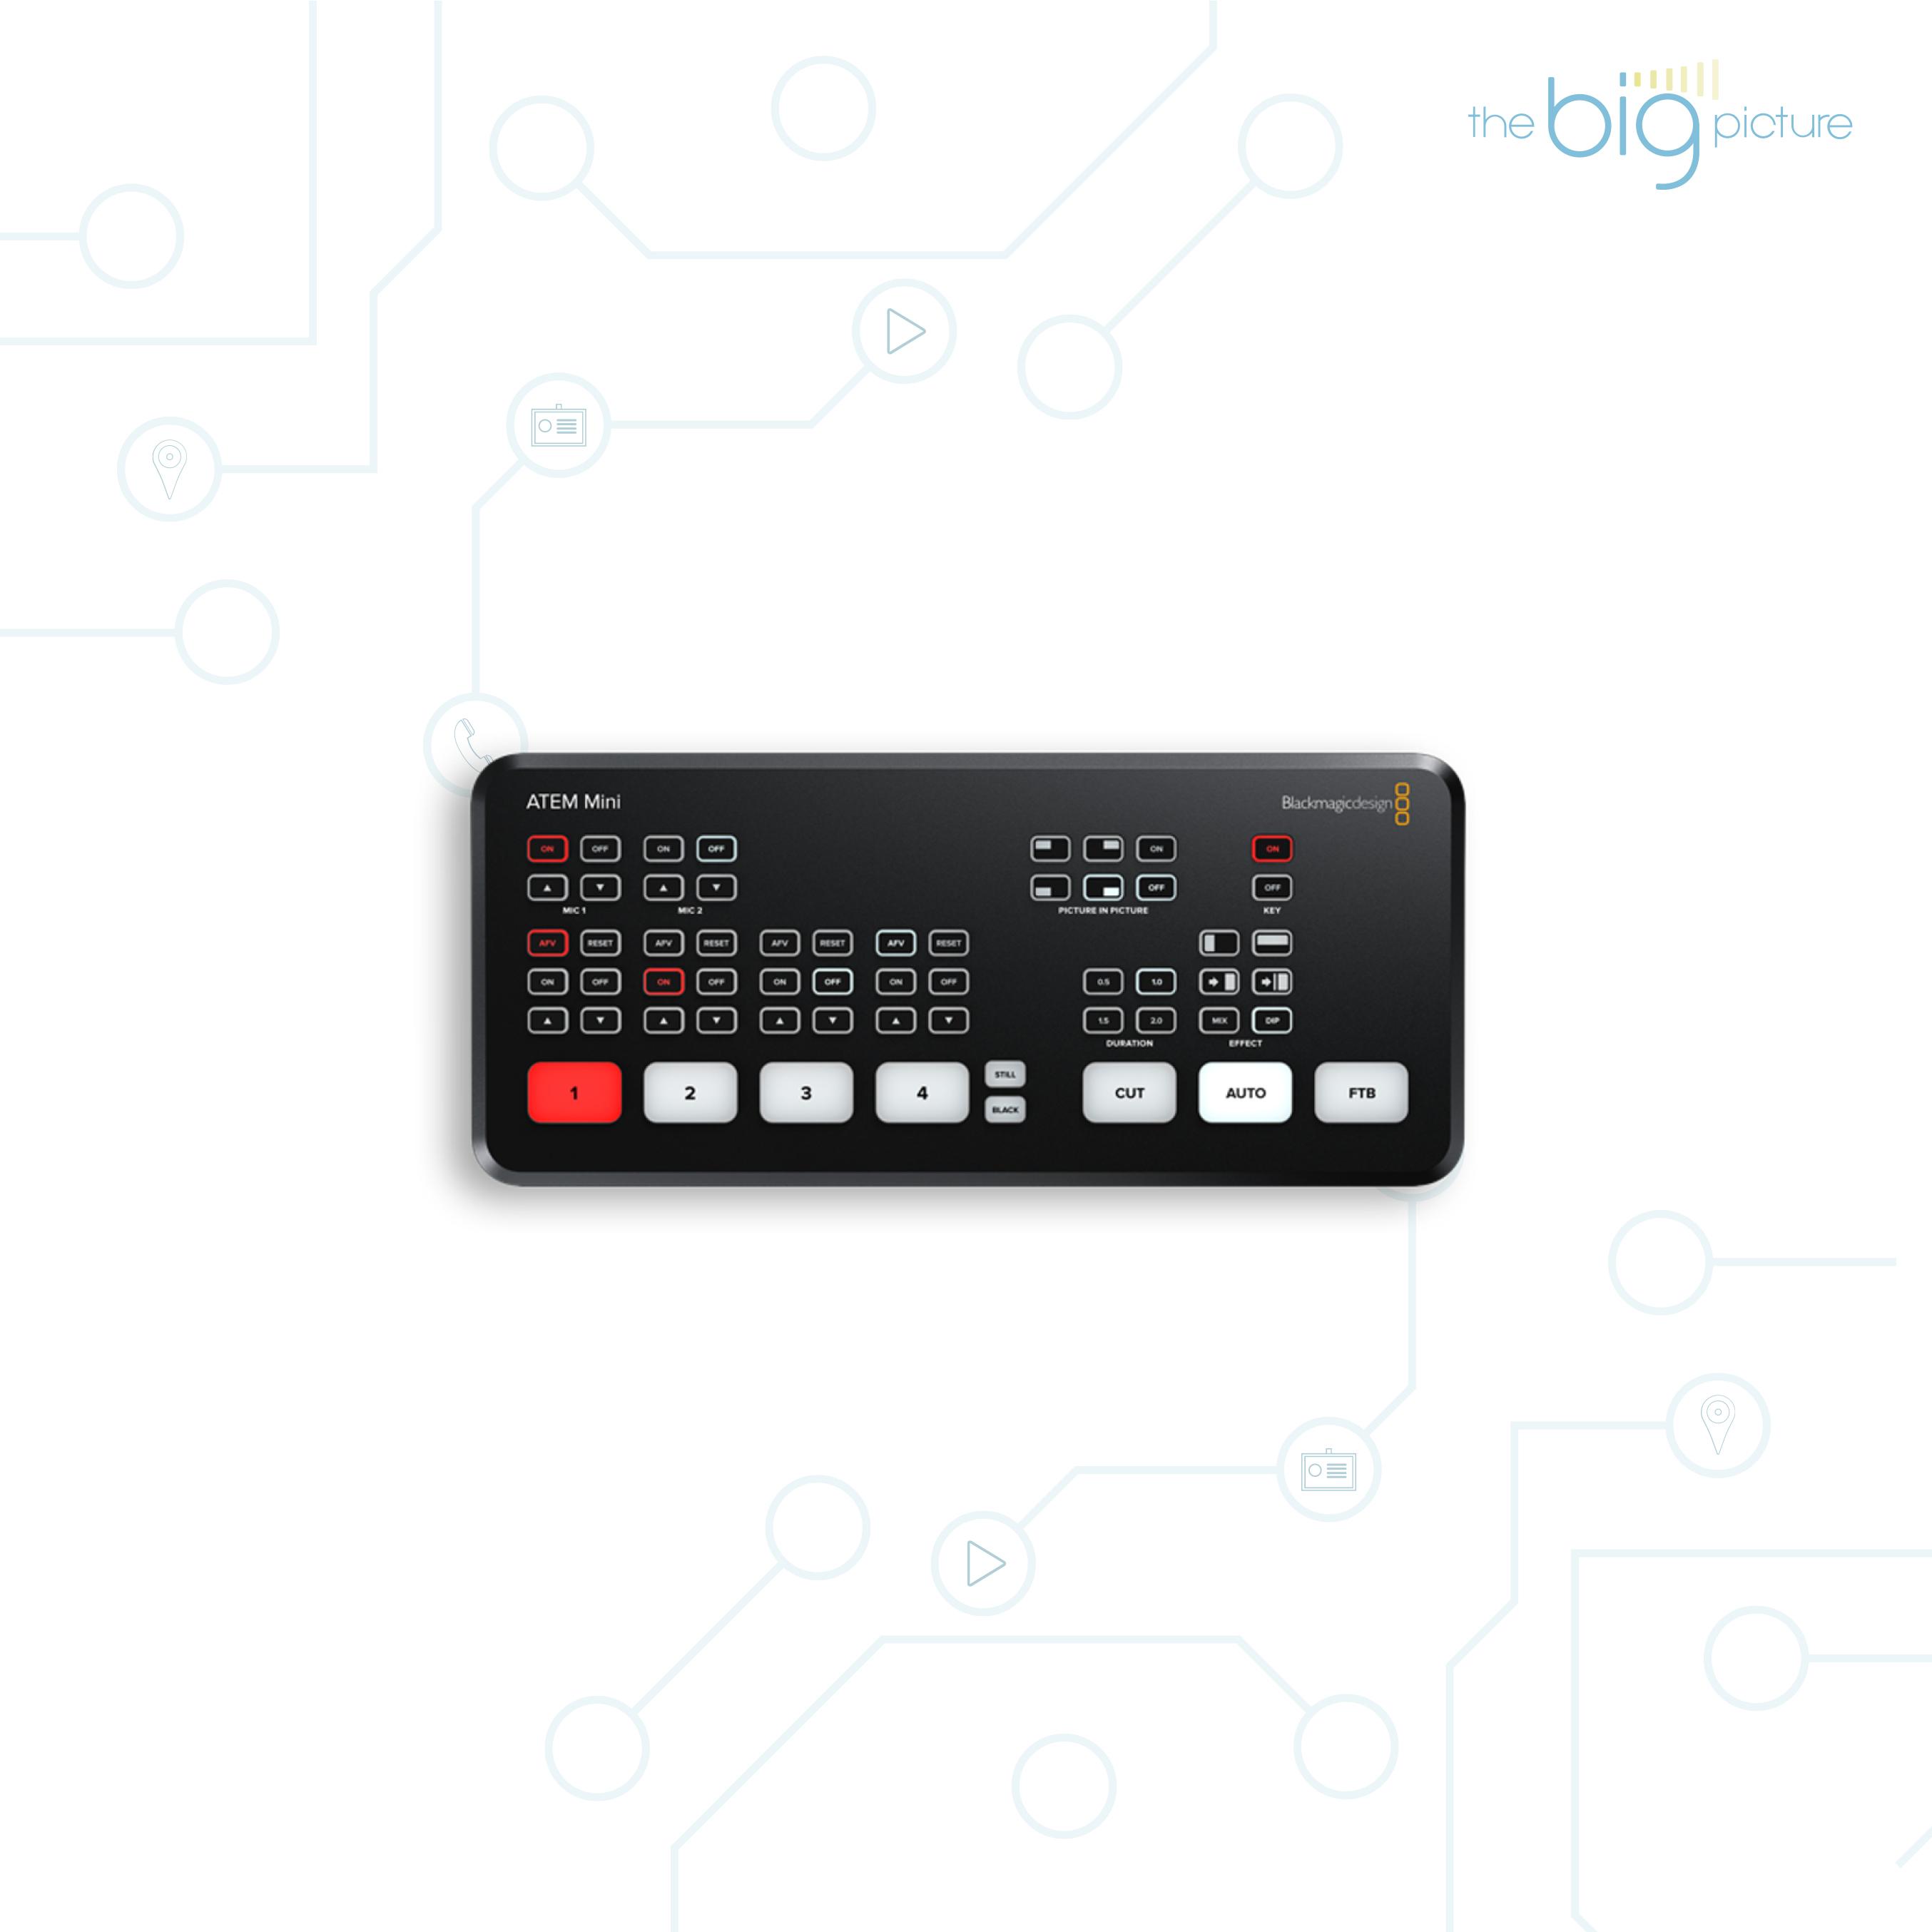 ATEM Mini HDMI Live Stream Switcher